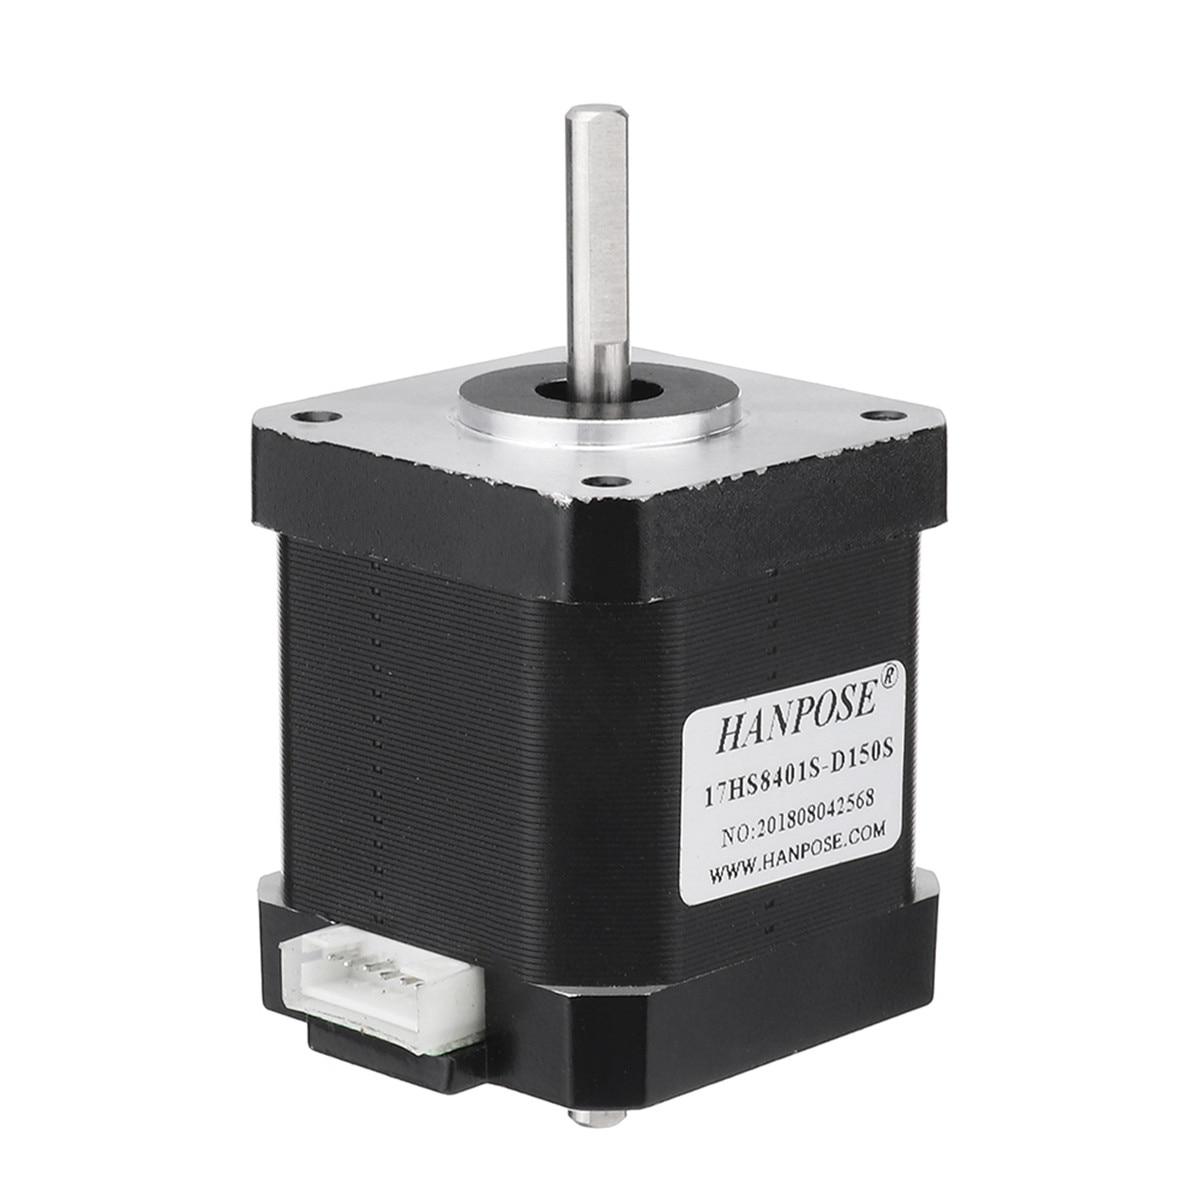 17HS8401S 48mm Nema 17 Stepper Motor 42 Motor 42BYGH 1.8A 52N.cm 4-lead for 3D Printer CNC Laser with DuPont line